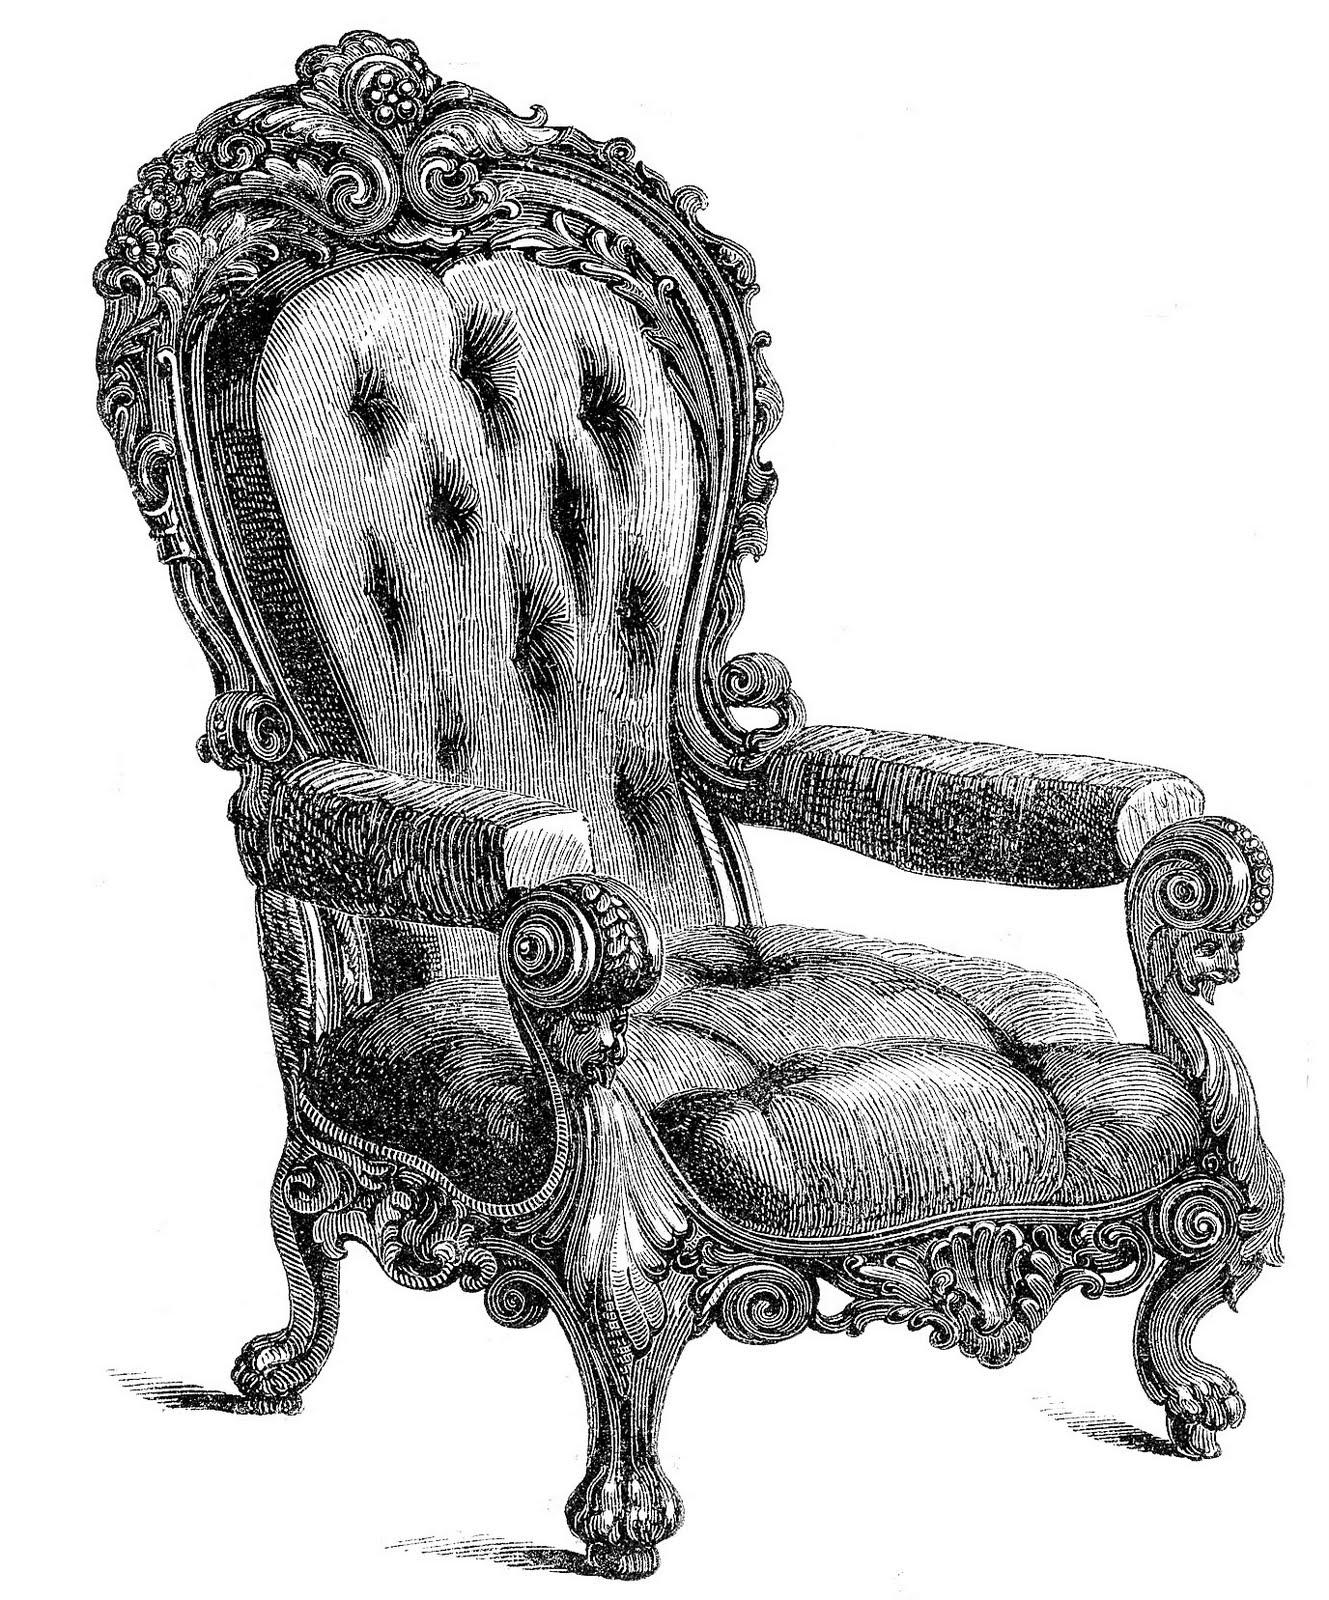 Sheet Music clipart musical chair 2 Clip Fancy art Art